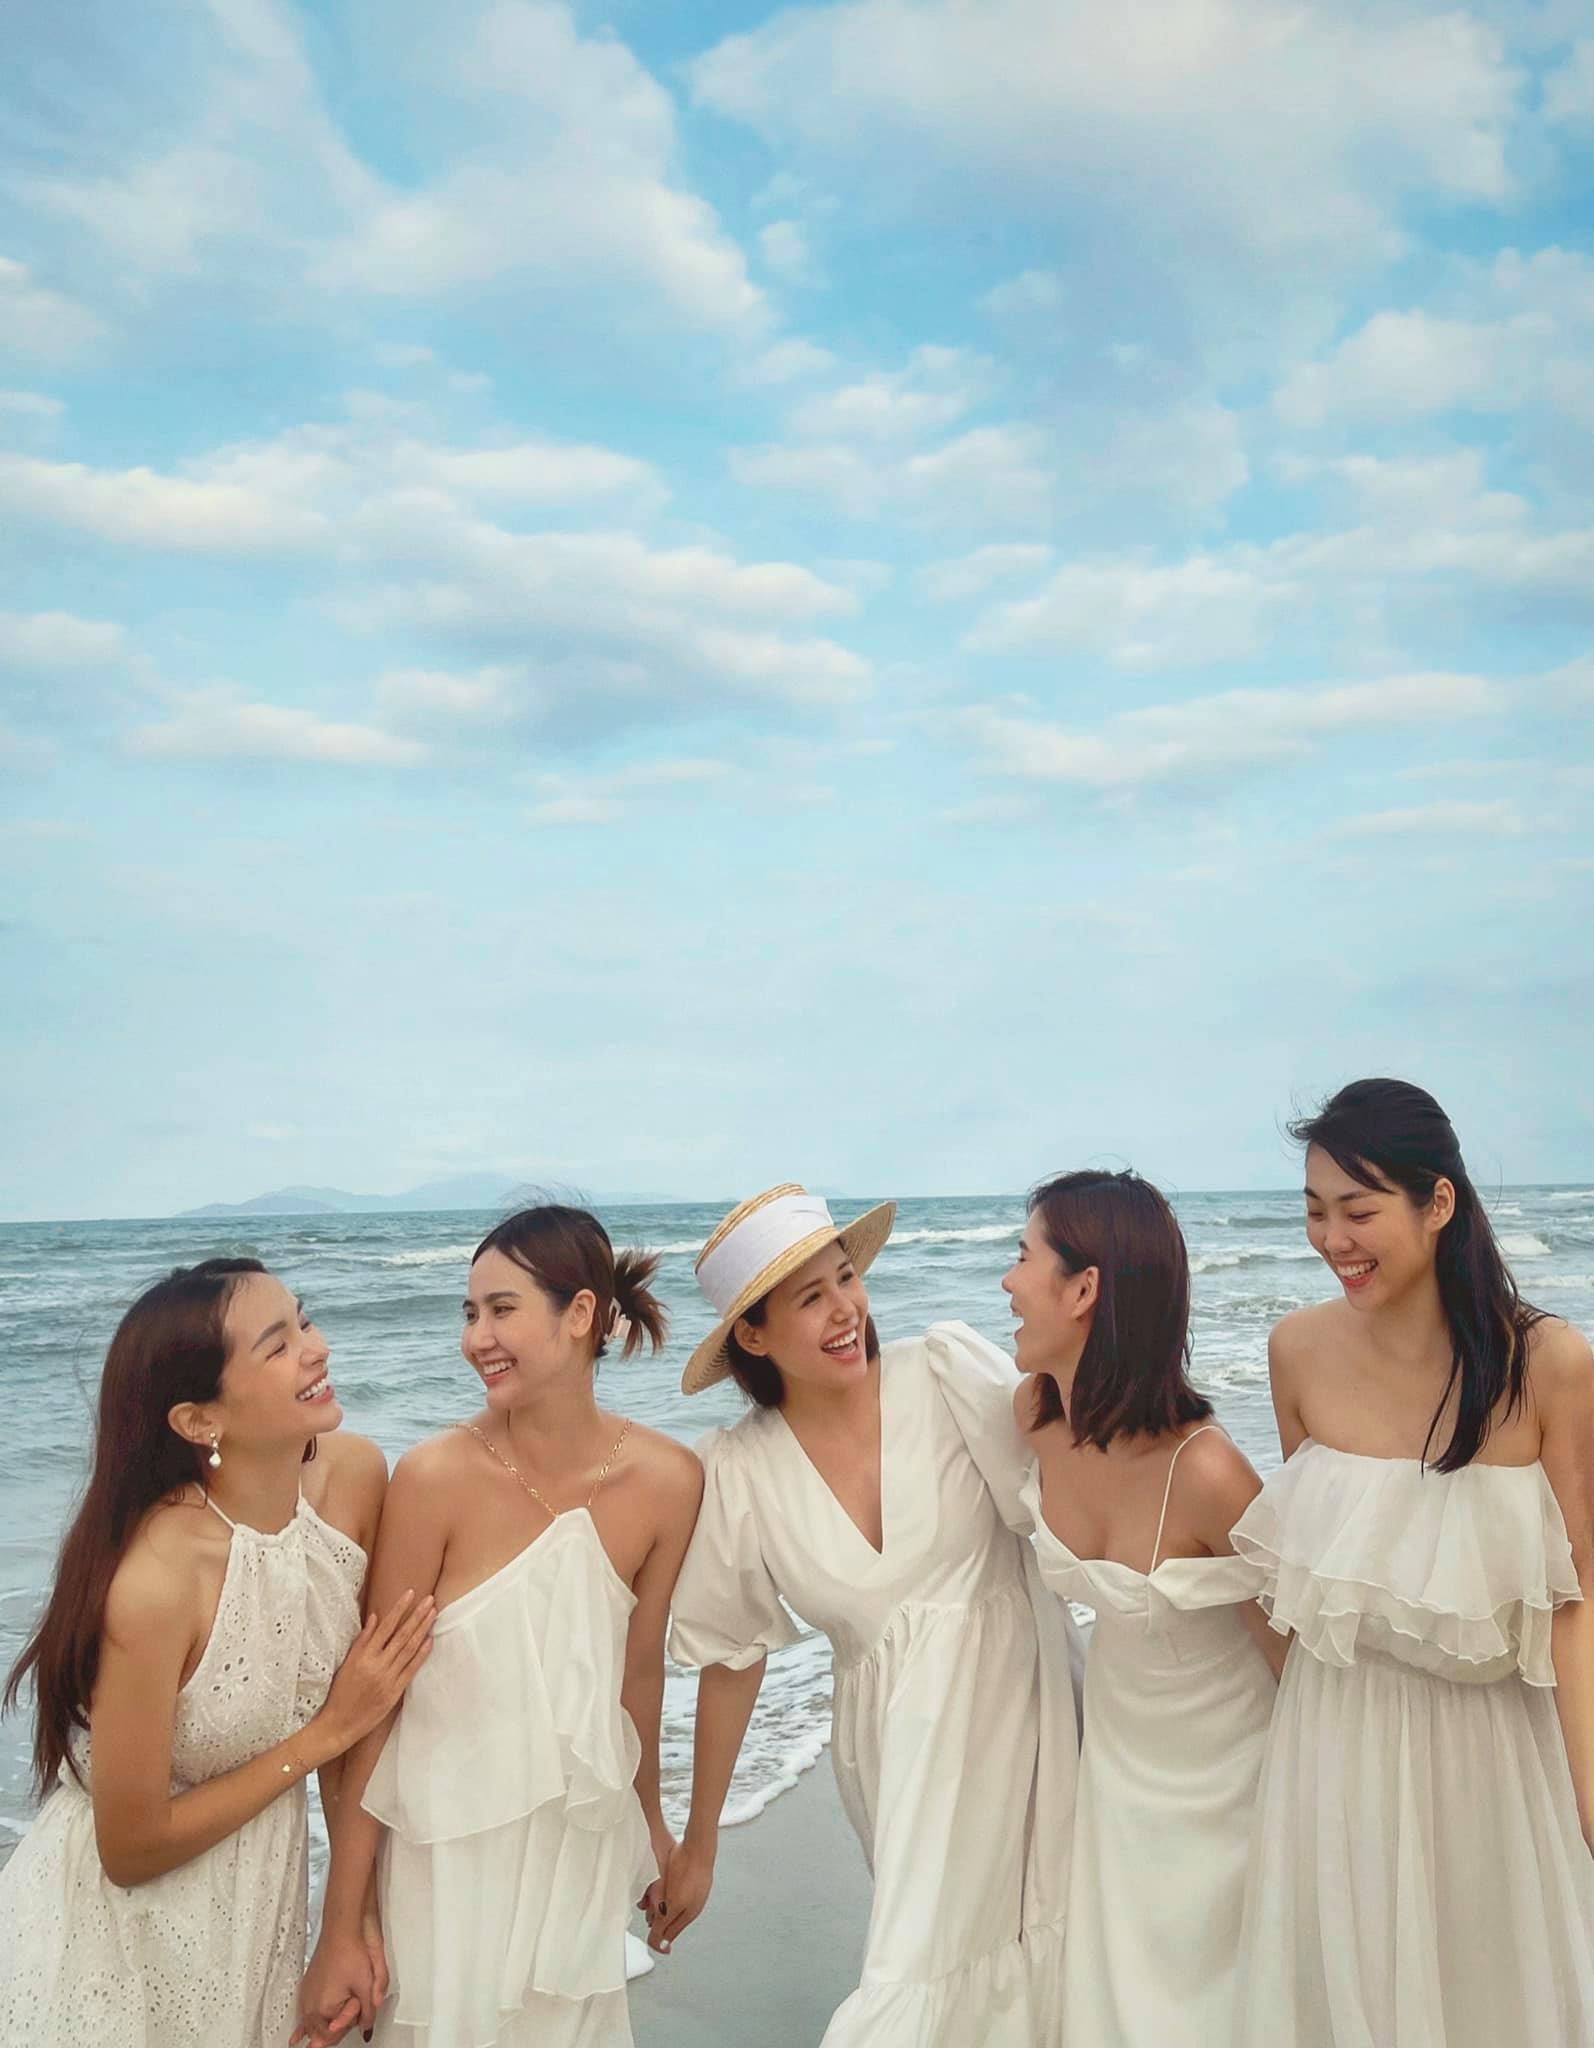 đi biển,check in,Phanh lee,hội bạn thân